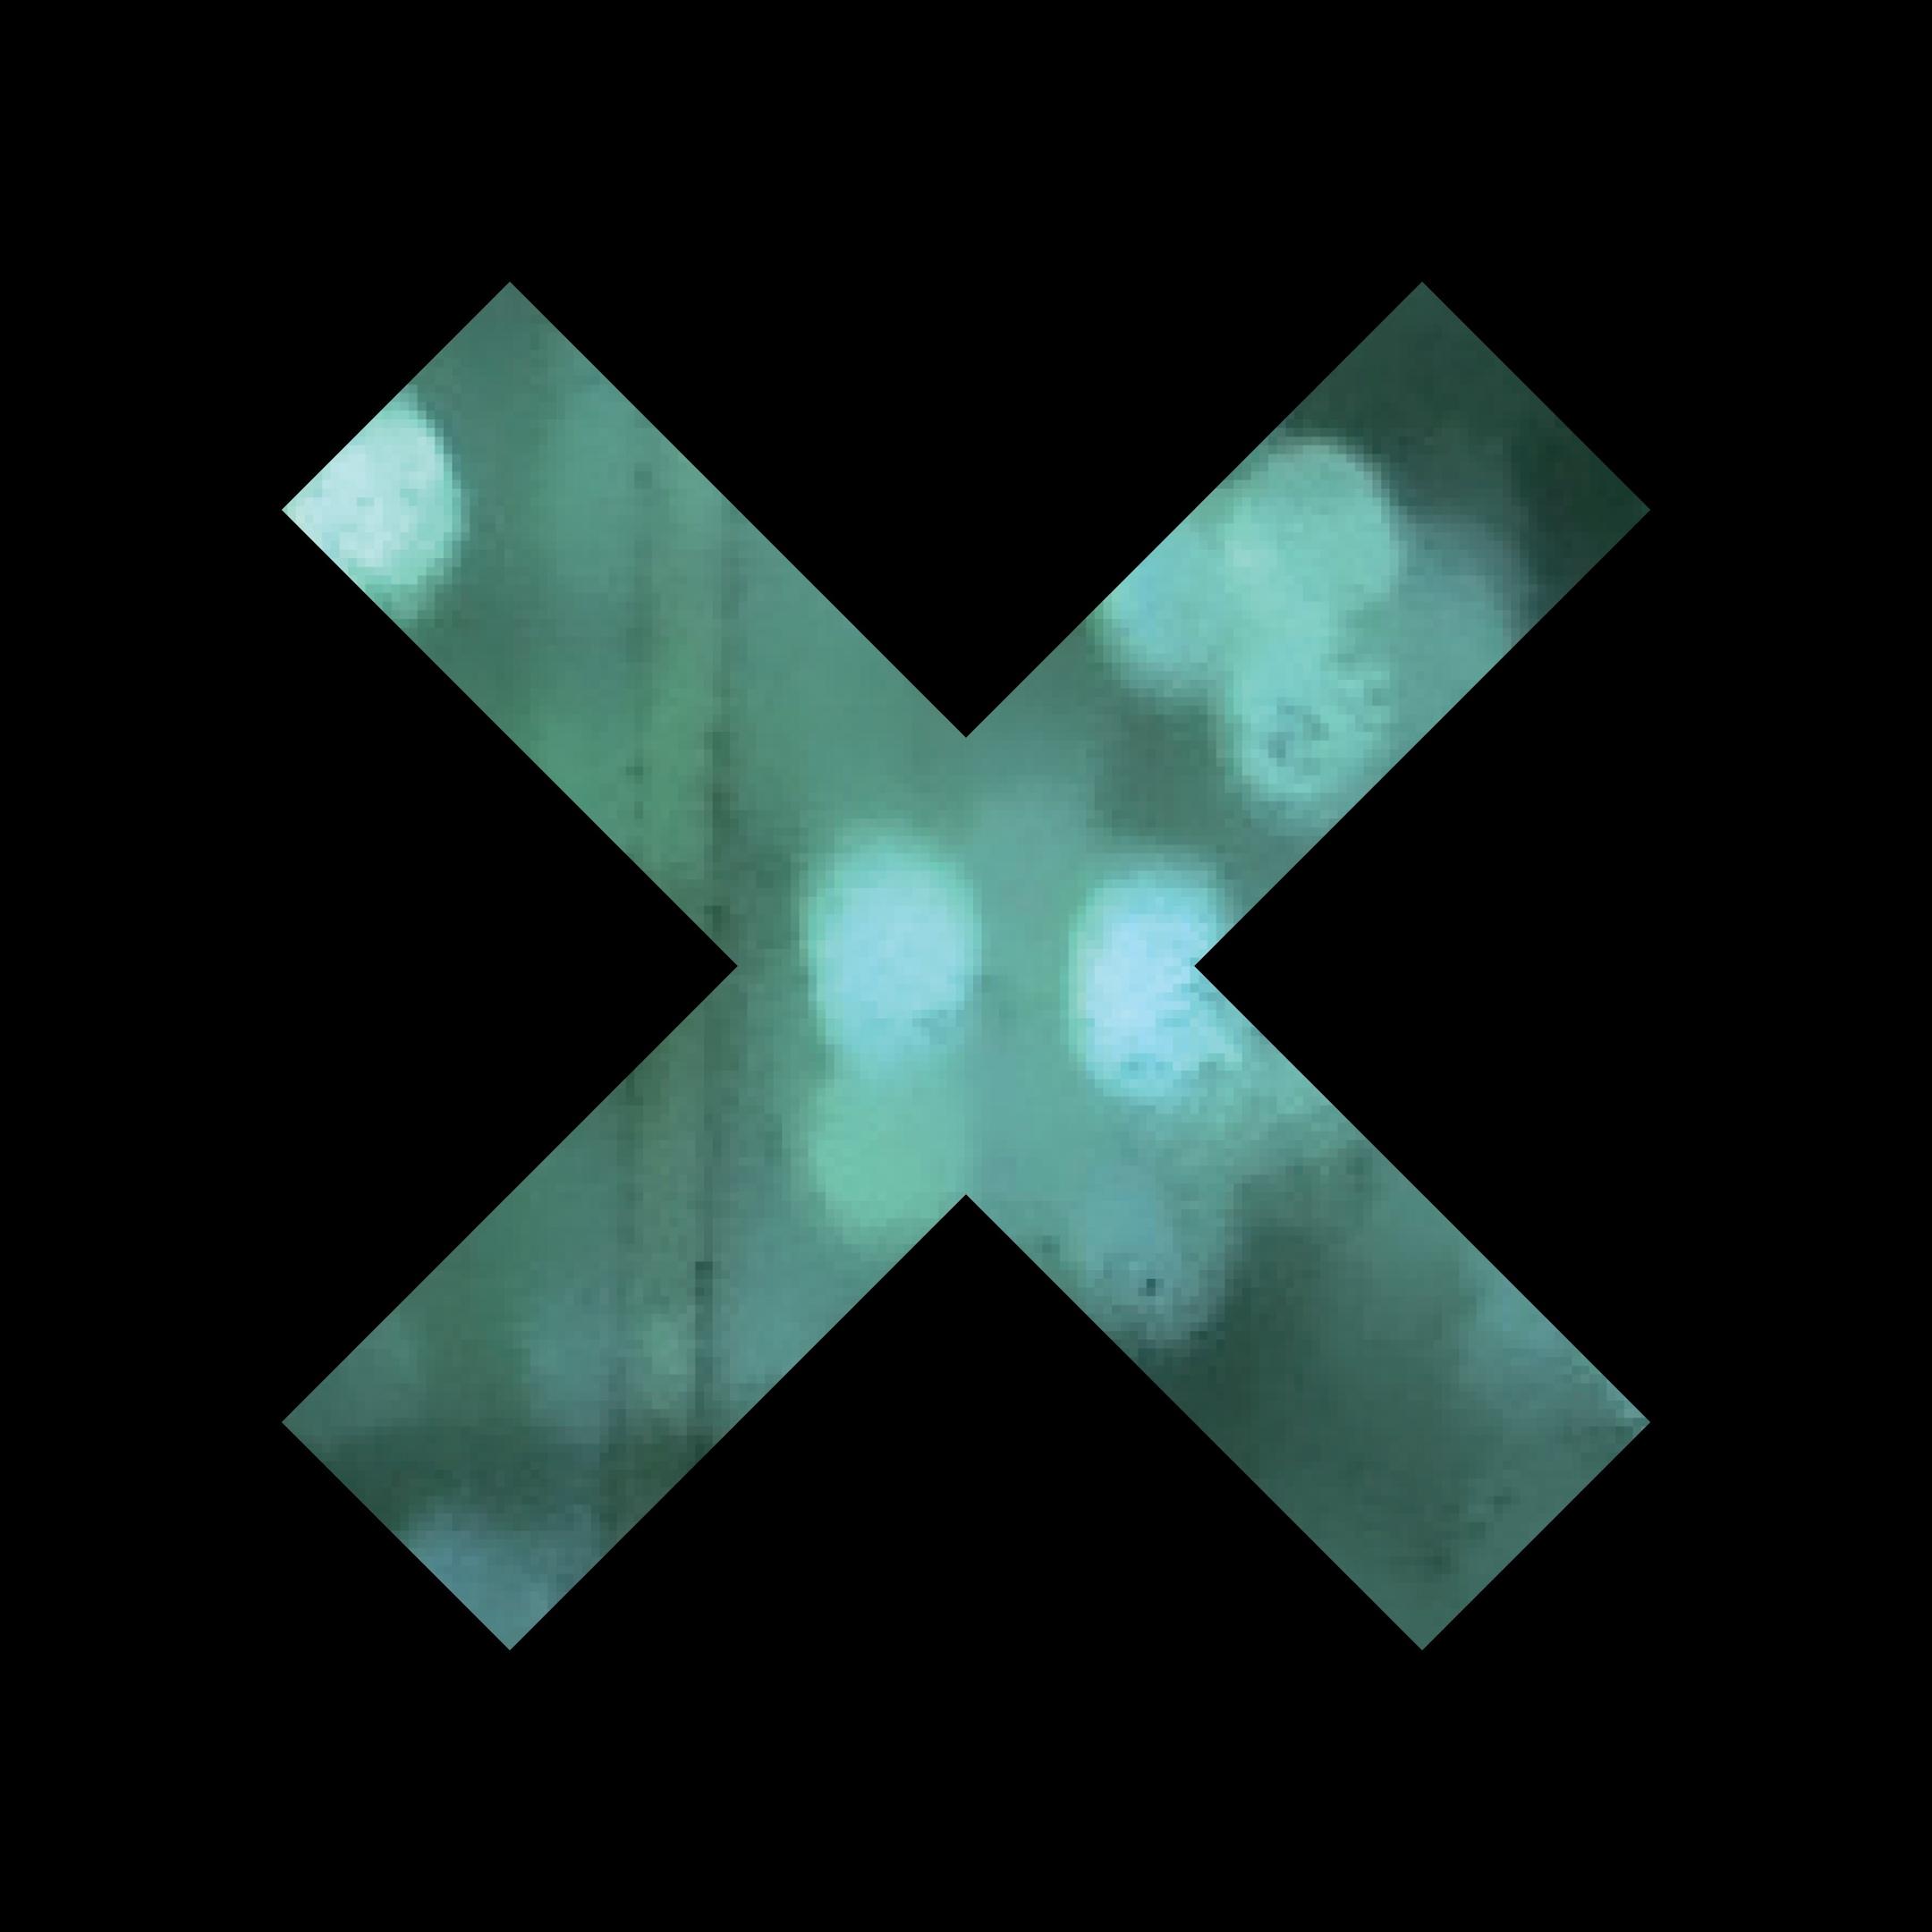 The xx album Islands - EP